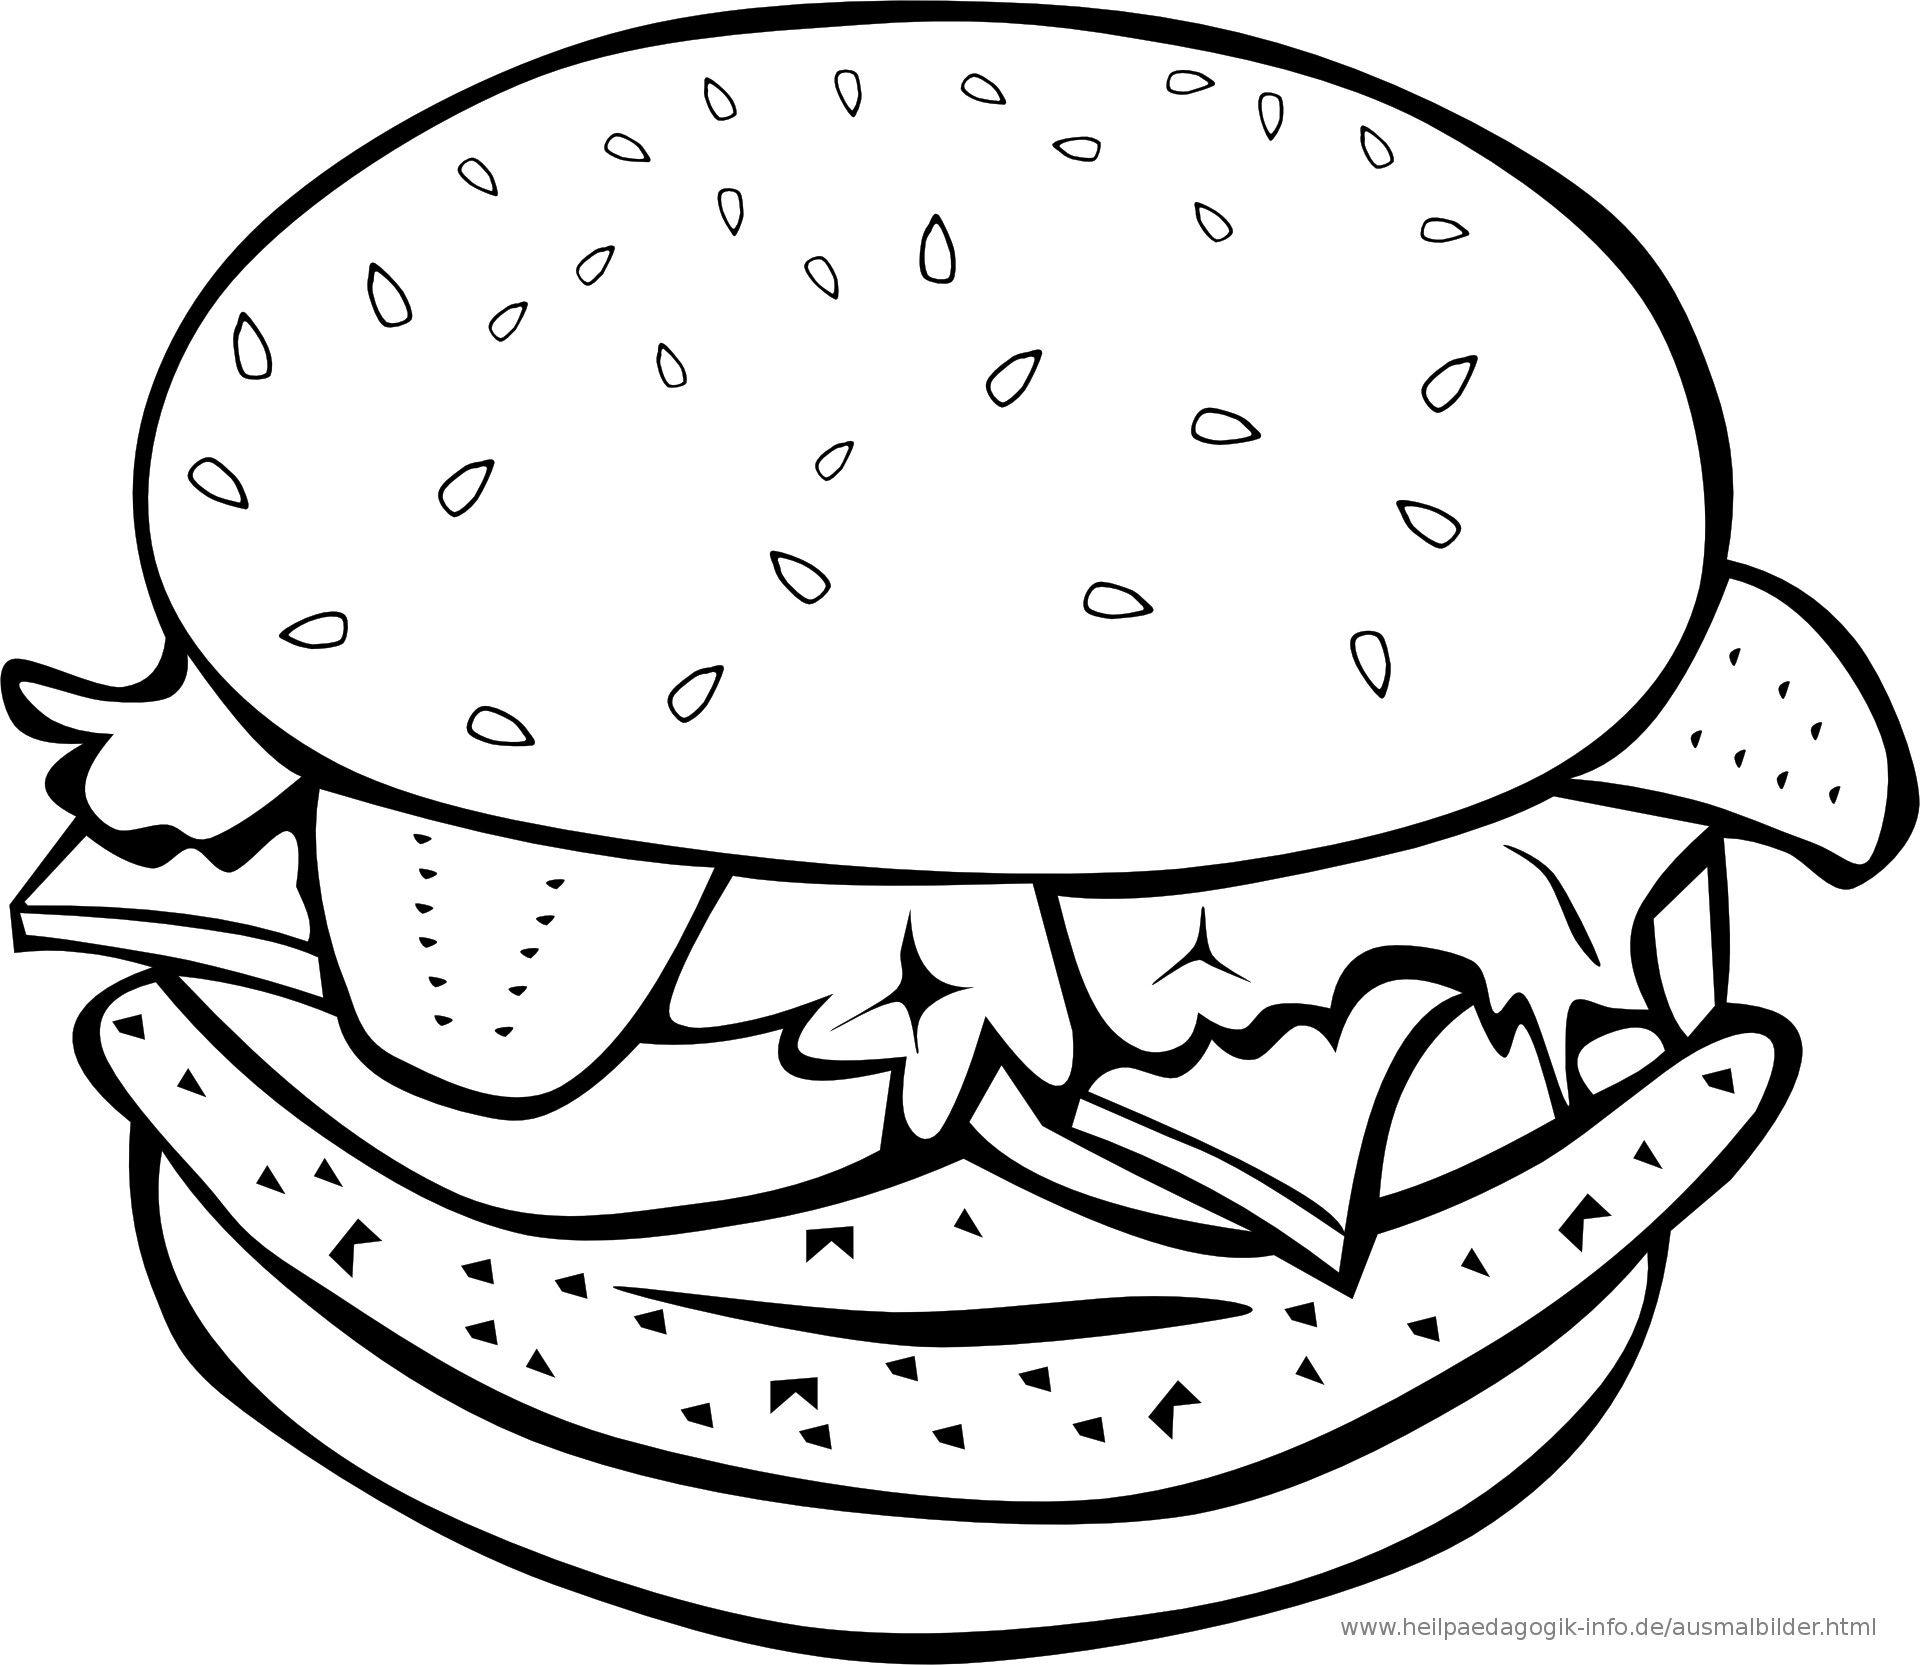 Die Besten Ideen Für Essen Ausmalbilder - Beste Wohnkultur